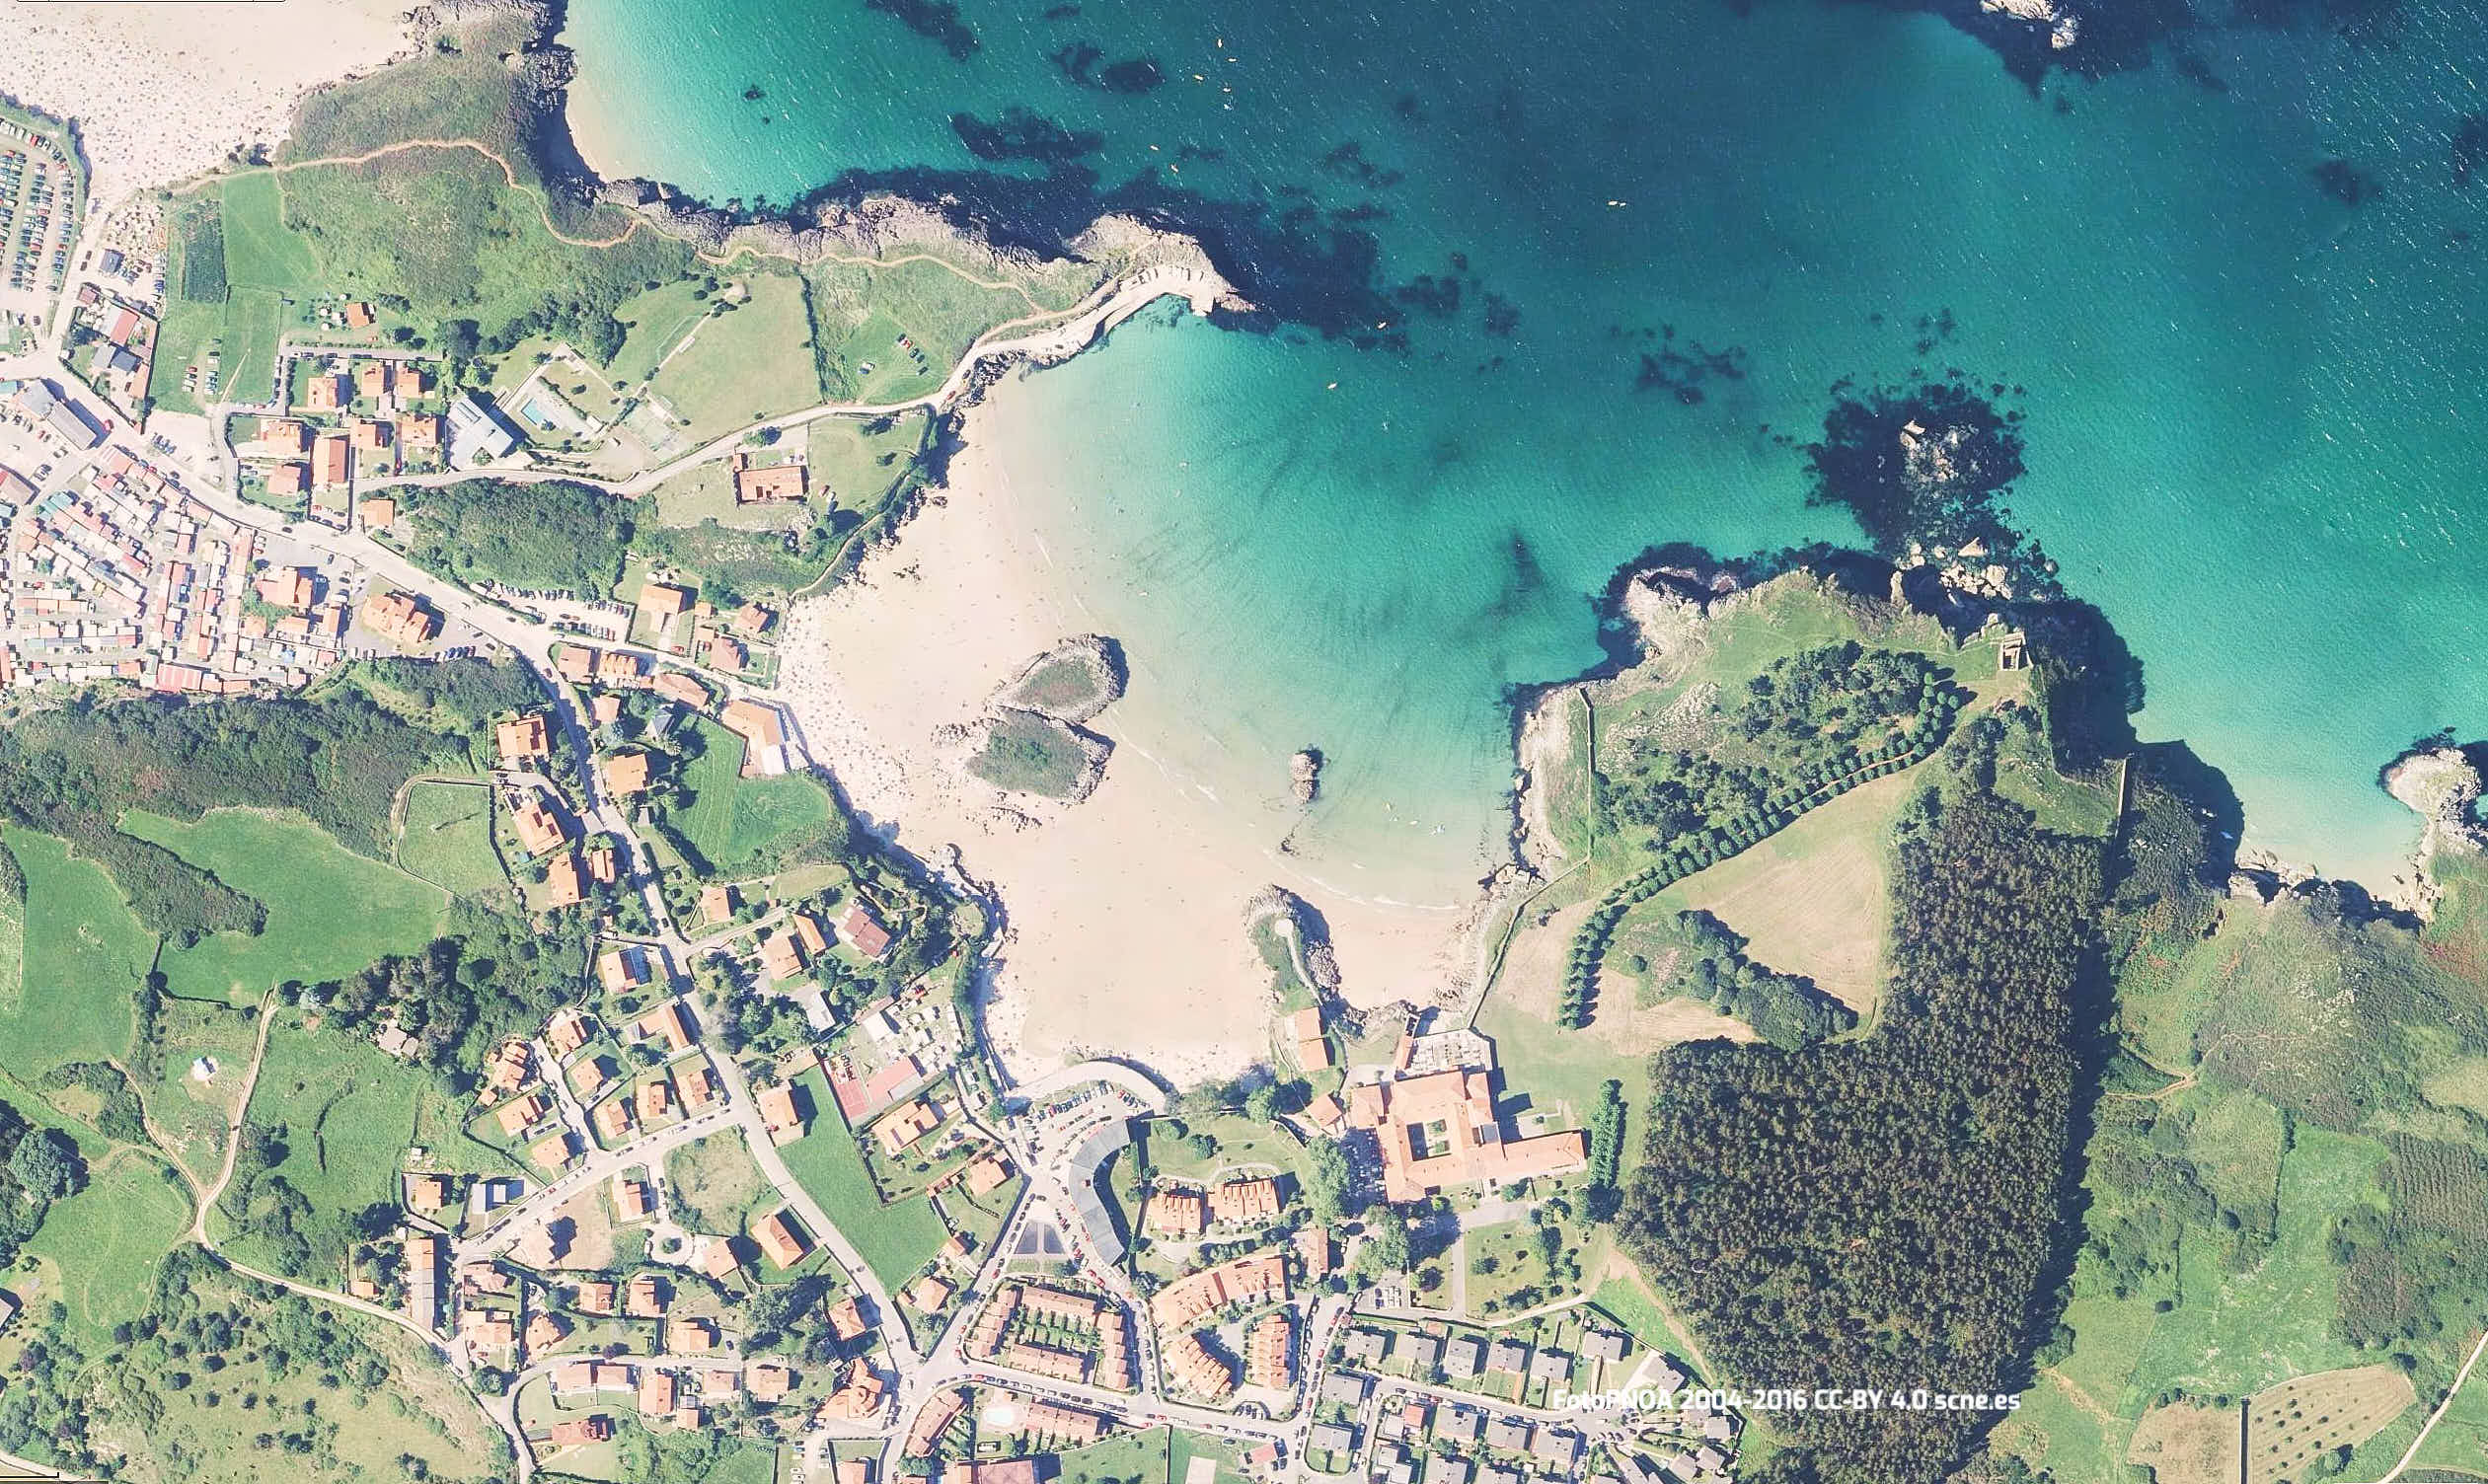 Vista aerea de las playas de Palombina y Camaras en Llanes, Asturias